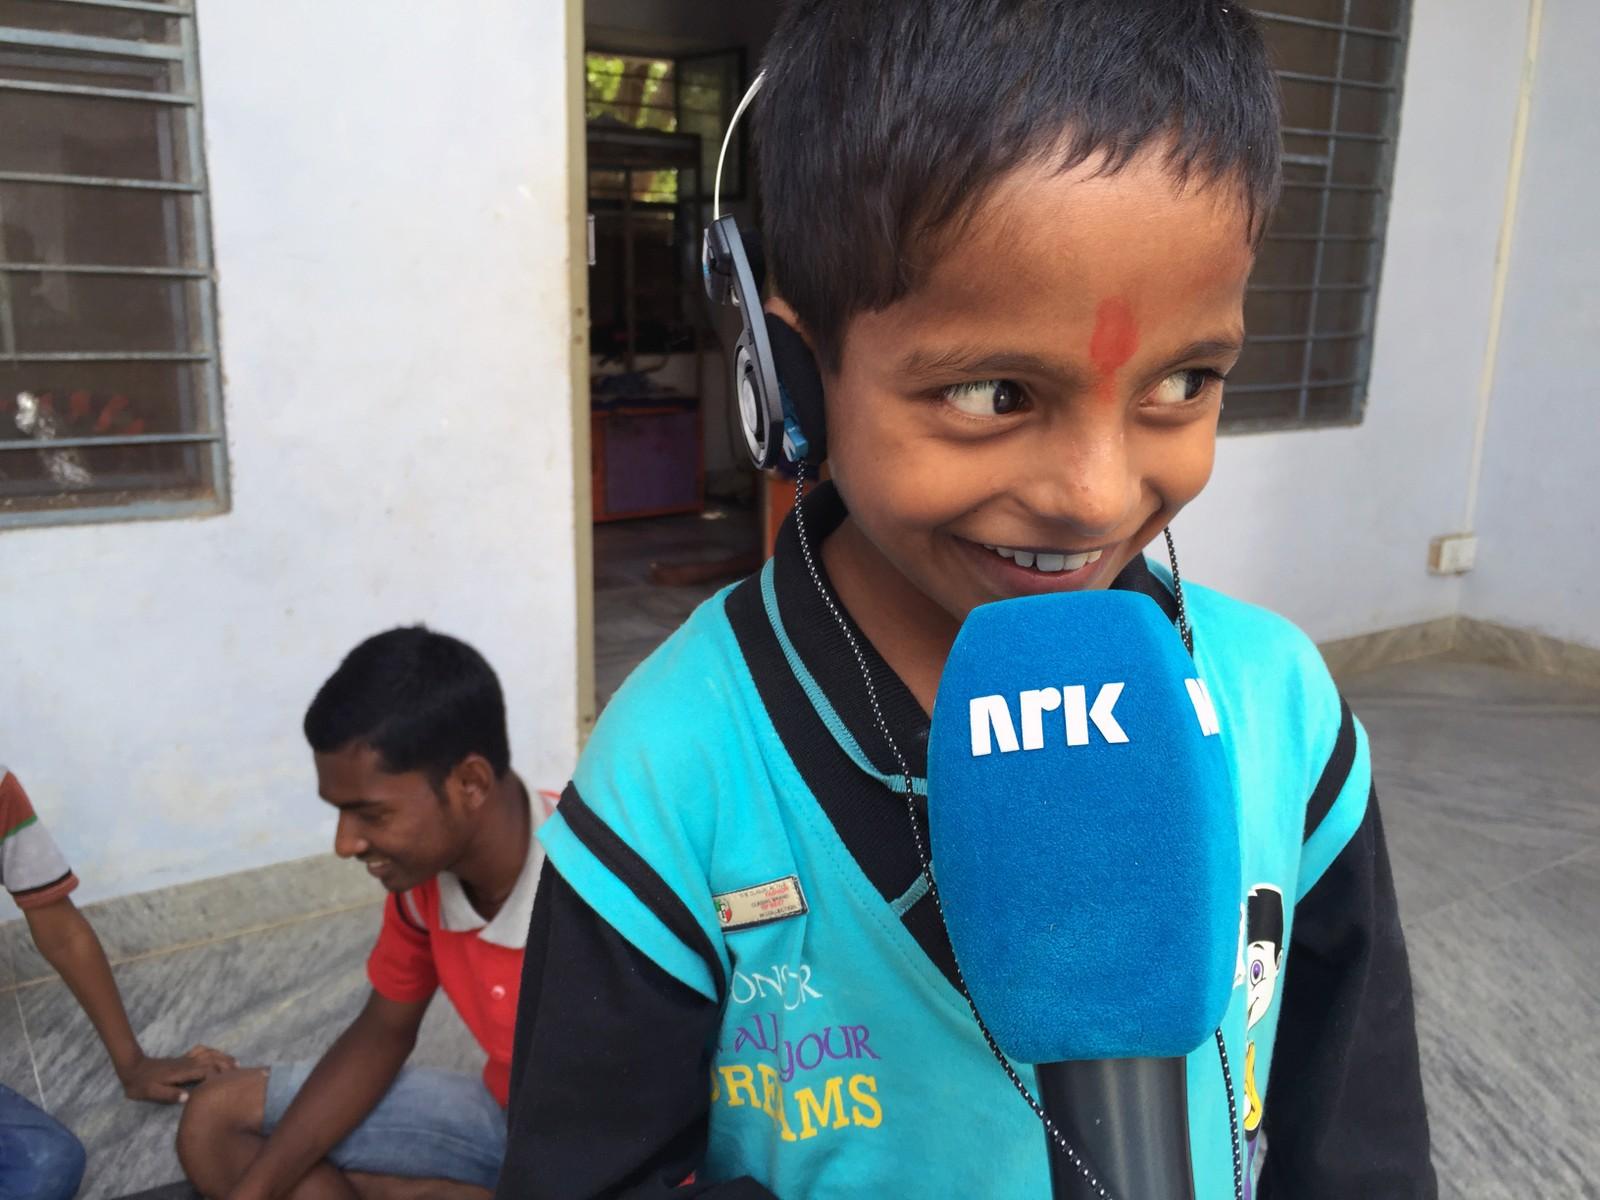 NRKs besøk vakte stor nysgjerrighet - og glede. Mange ønsket å prøve seg som NRK-reporter.